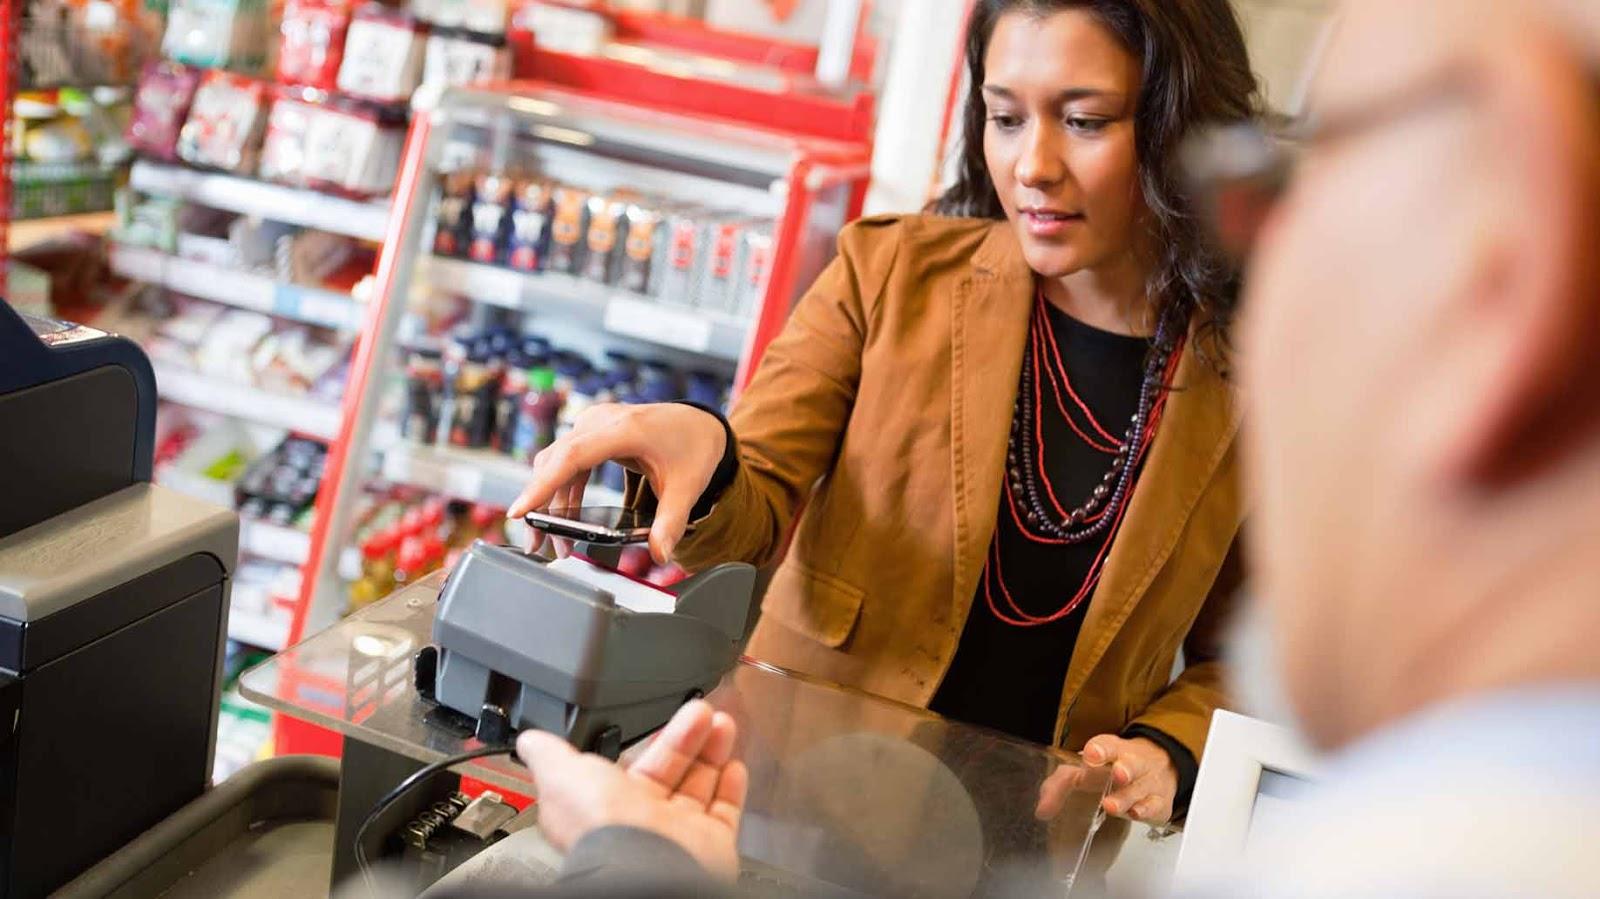 Близкий контакт: на что ваш смартфон способен с NFC - 10